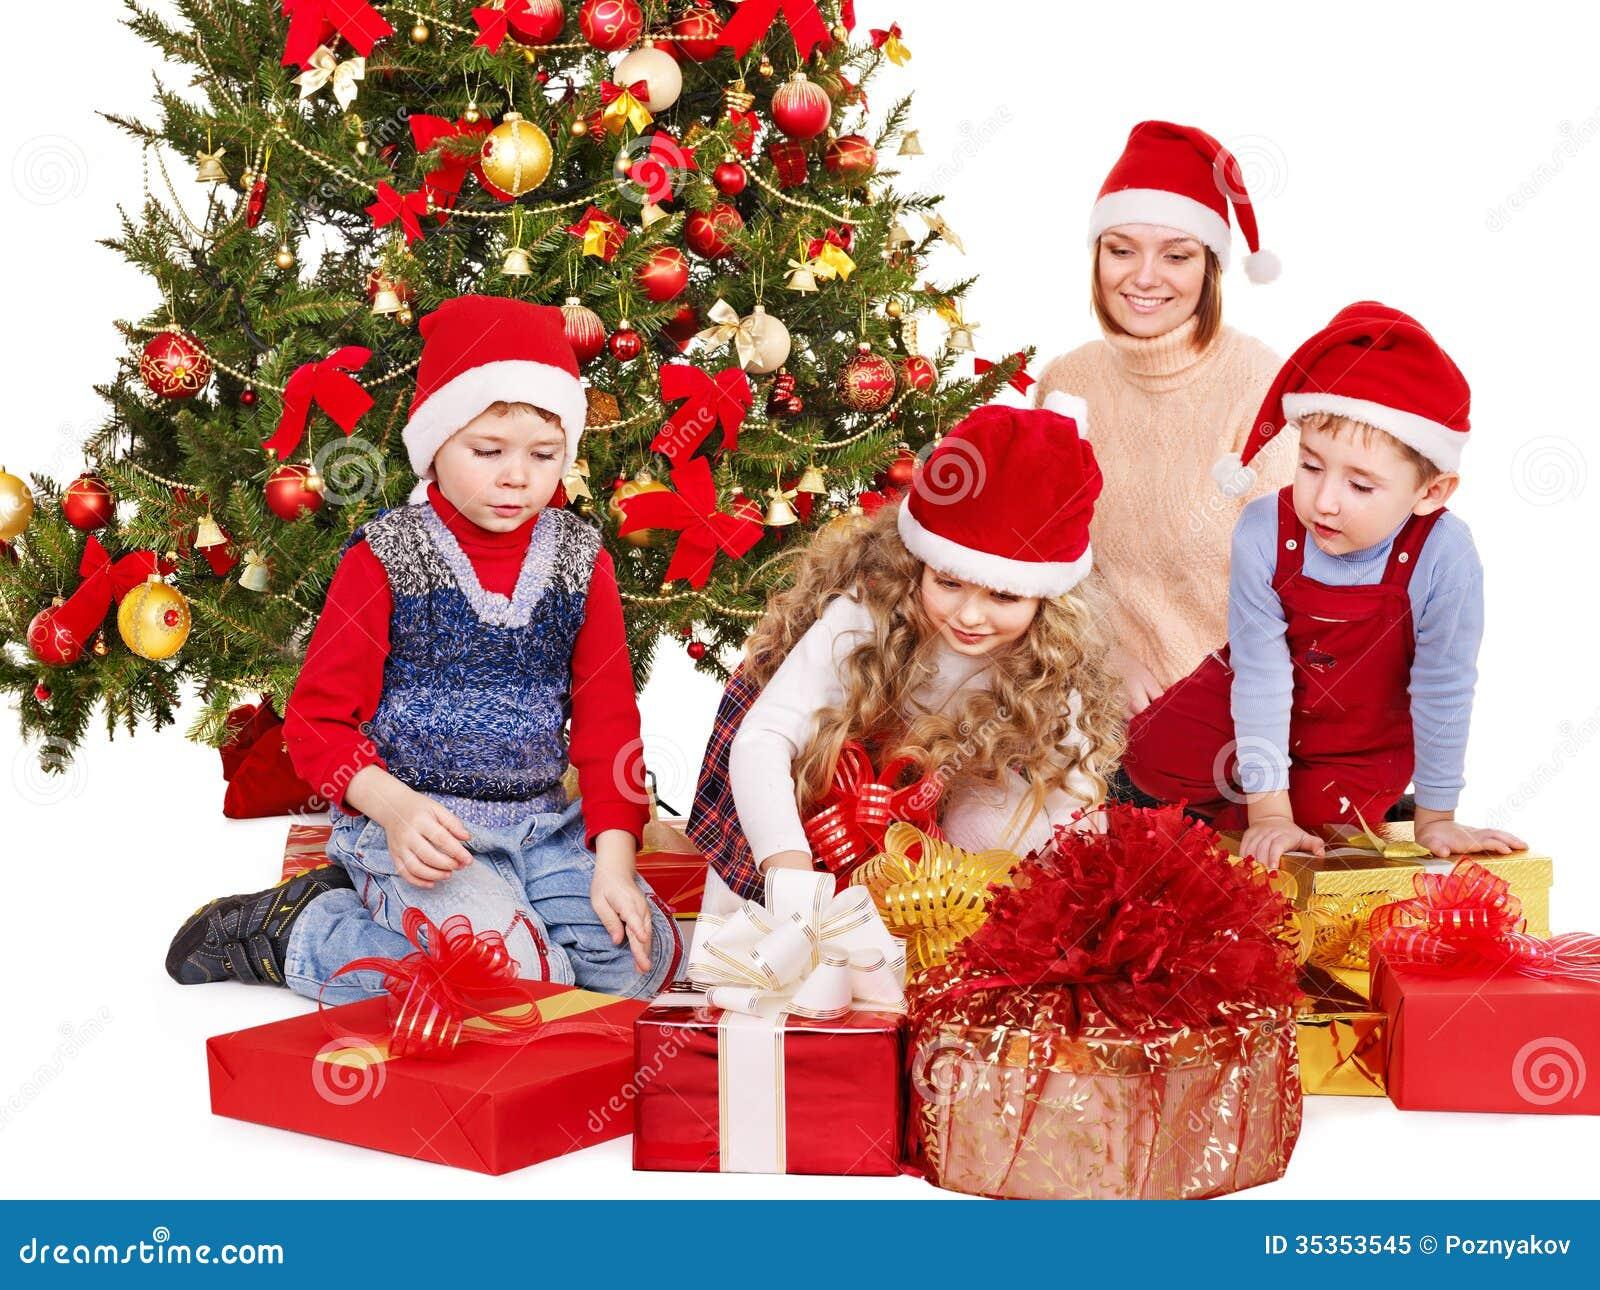 Ni os con la caja de regalo cerca del rbol de navidad - Arbol de navidad con regalos ...